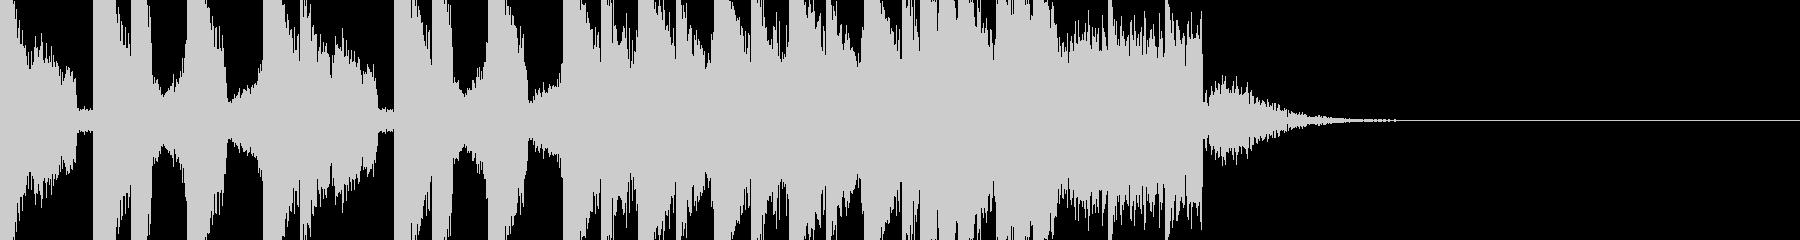 BPM128EDMビルドアップです。の未再生の波形